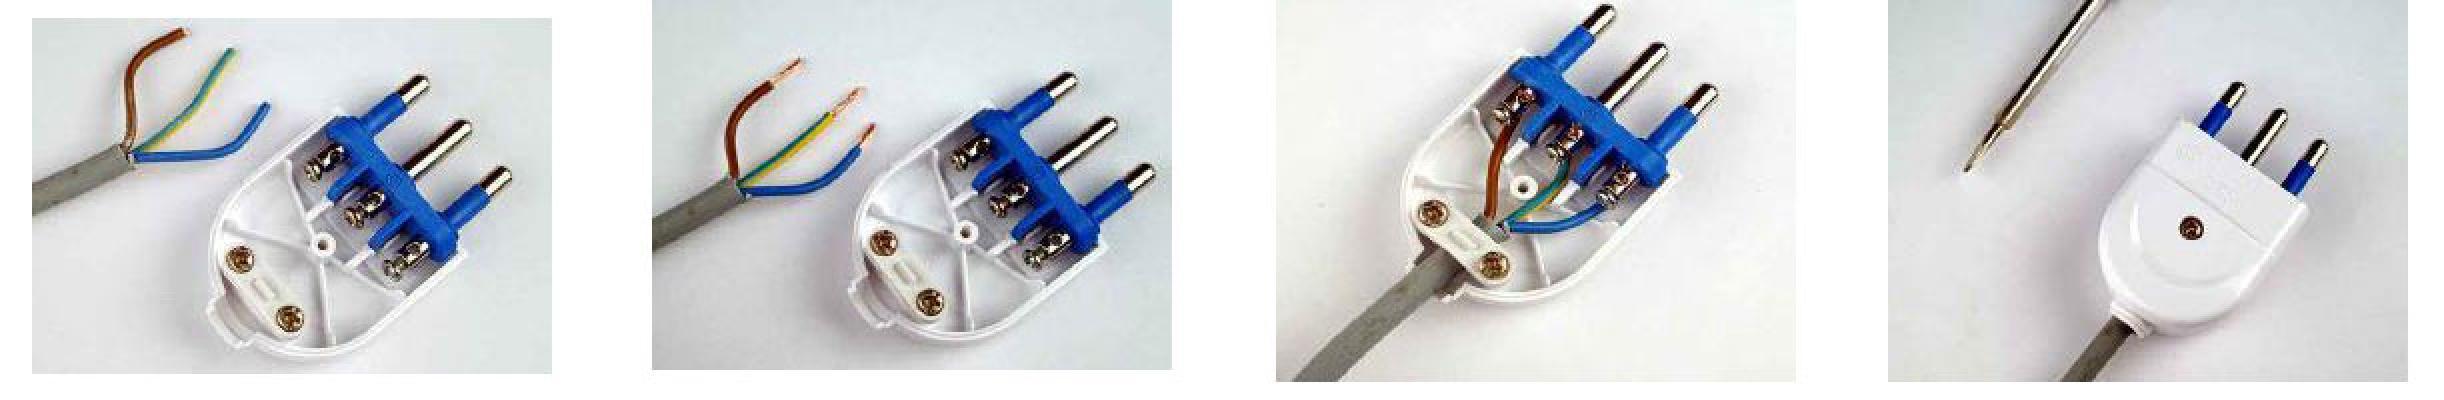 Passaggi per la sostituzione della spina o del cavo